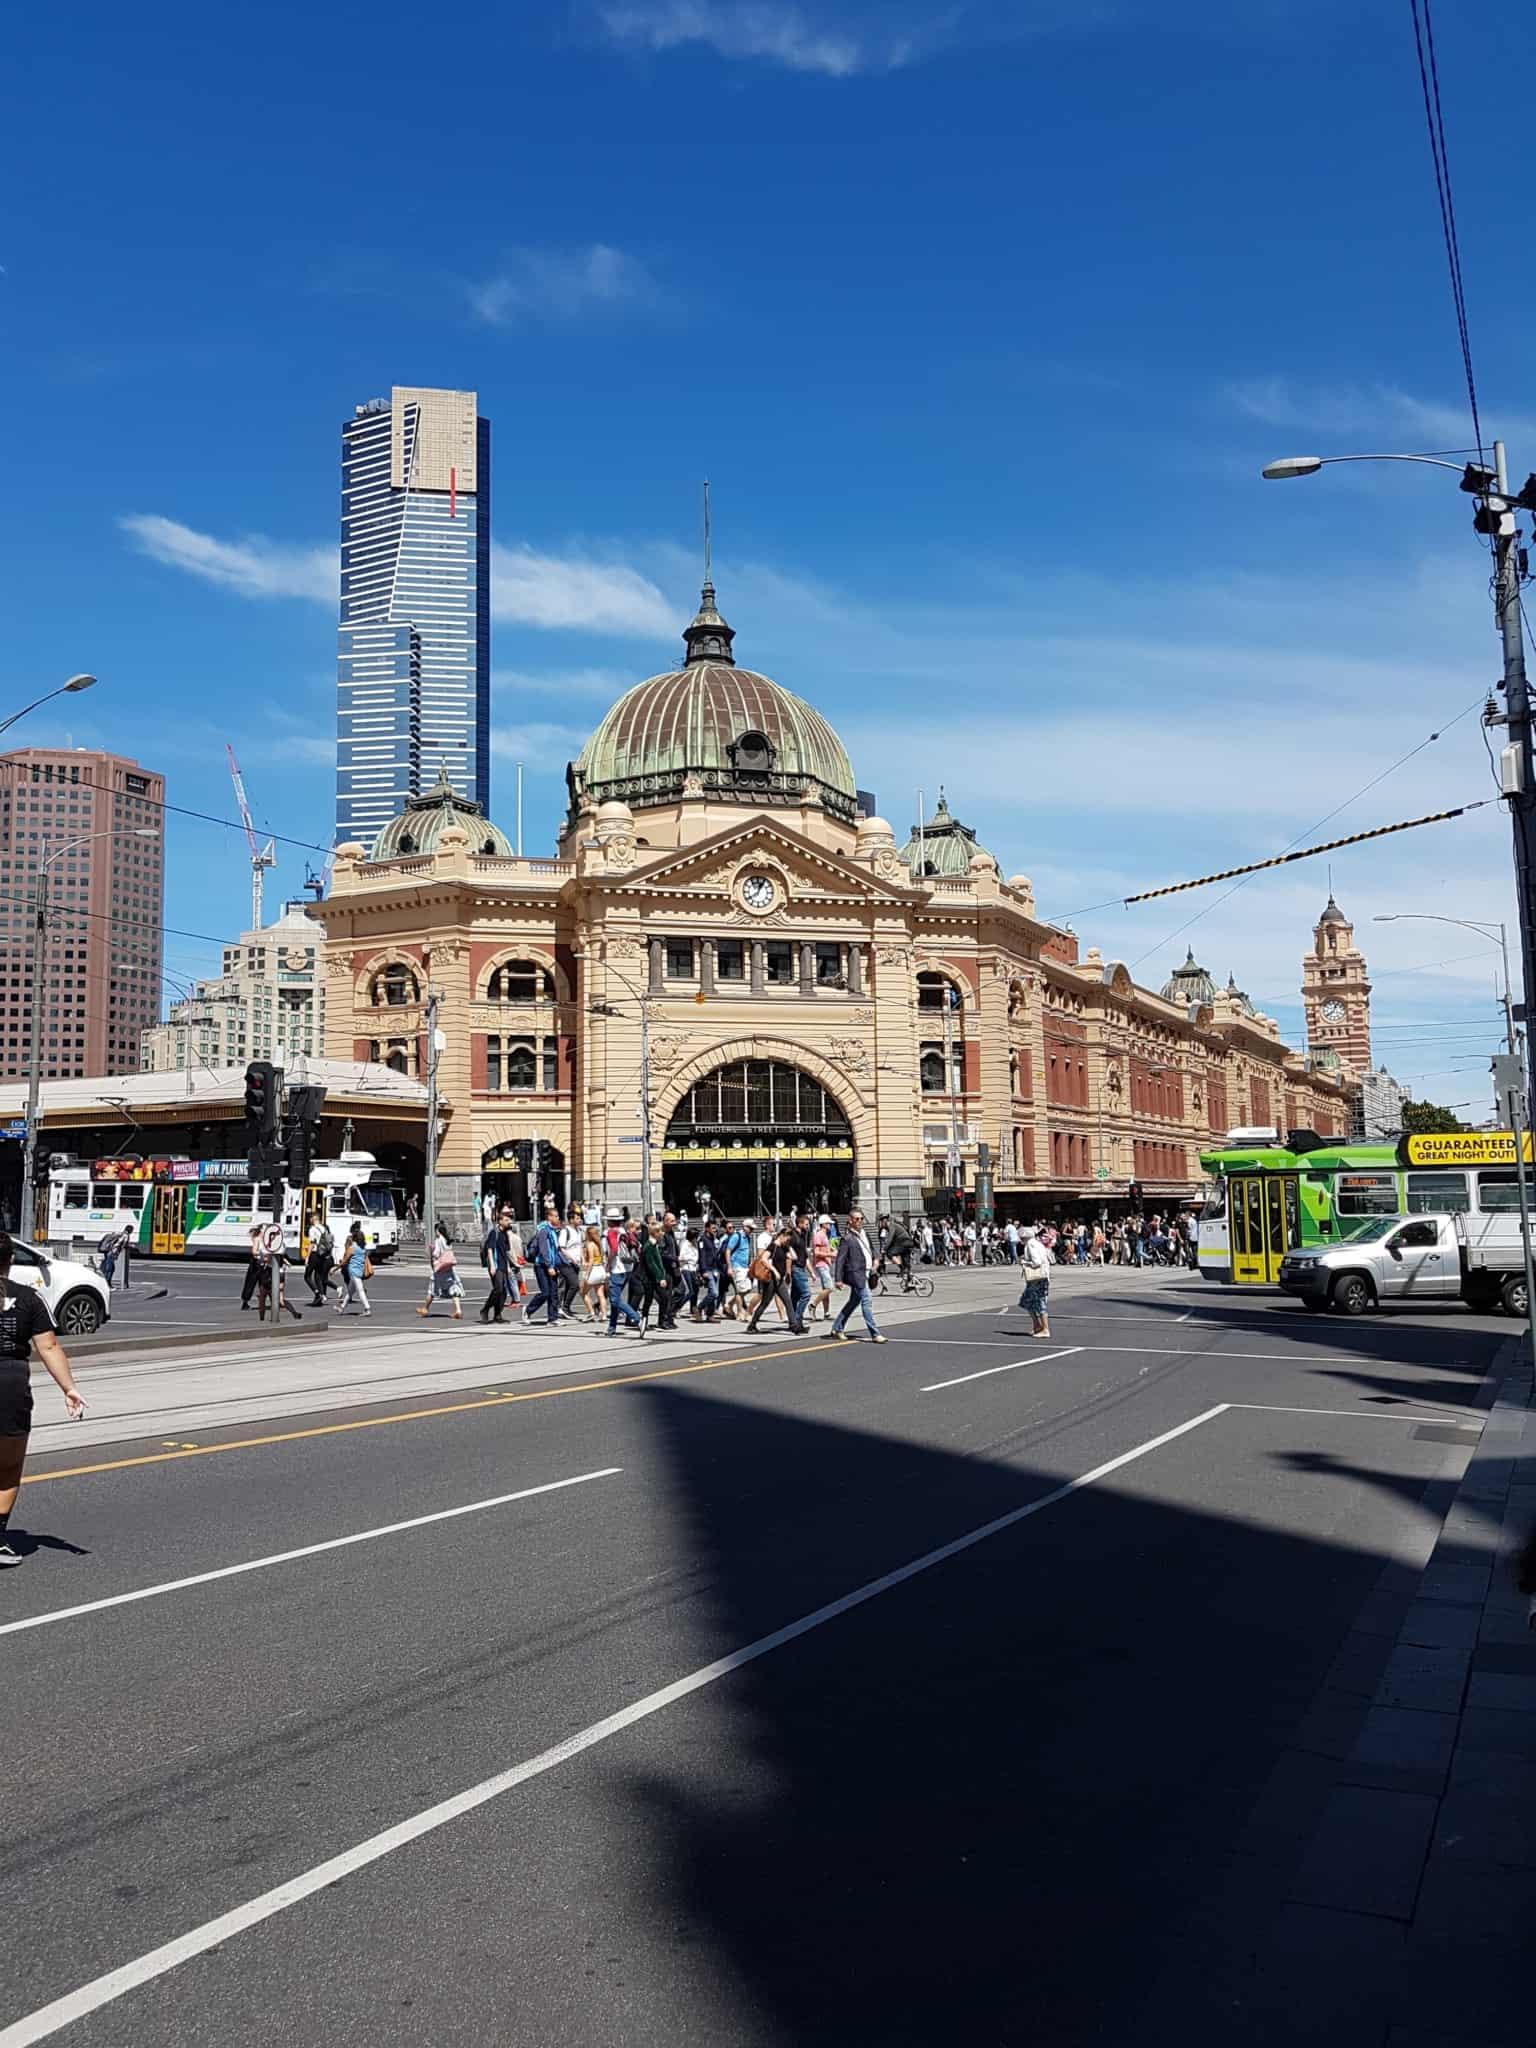 Australie, trois jours à découvrir Melbourne 👣 6